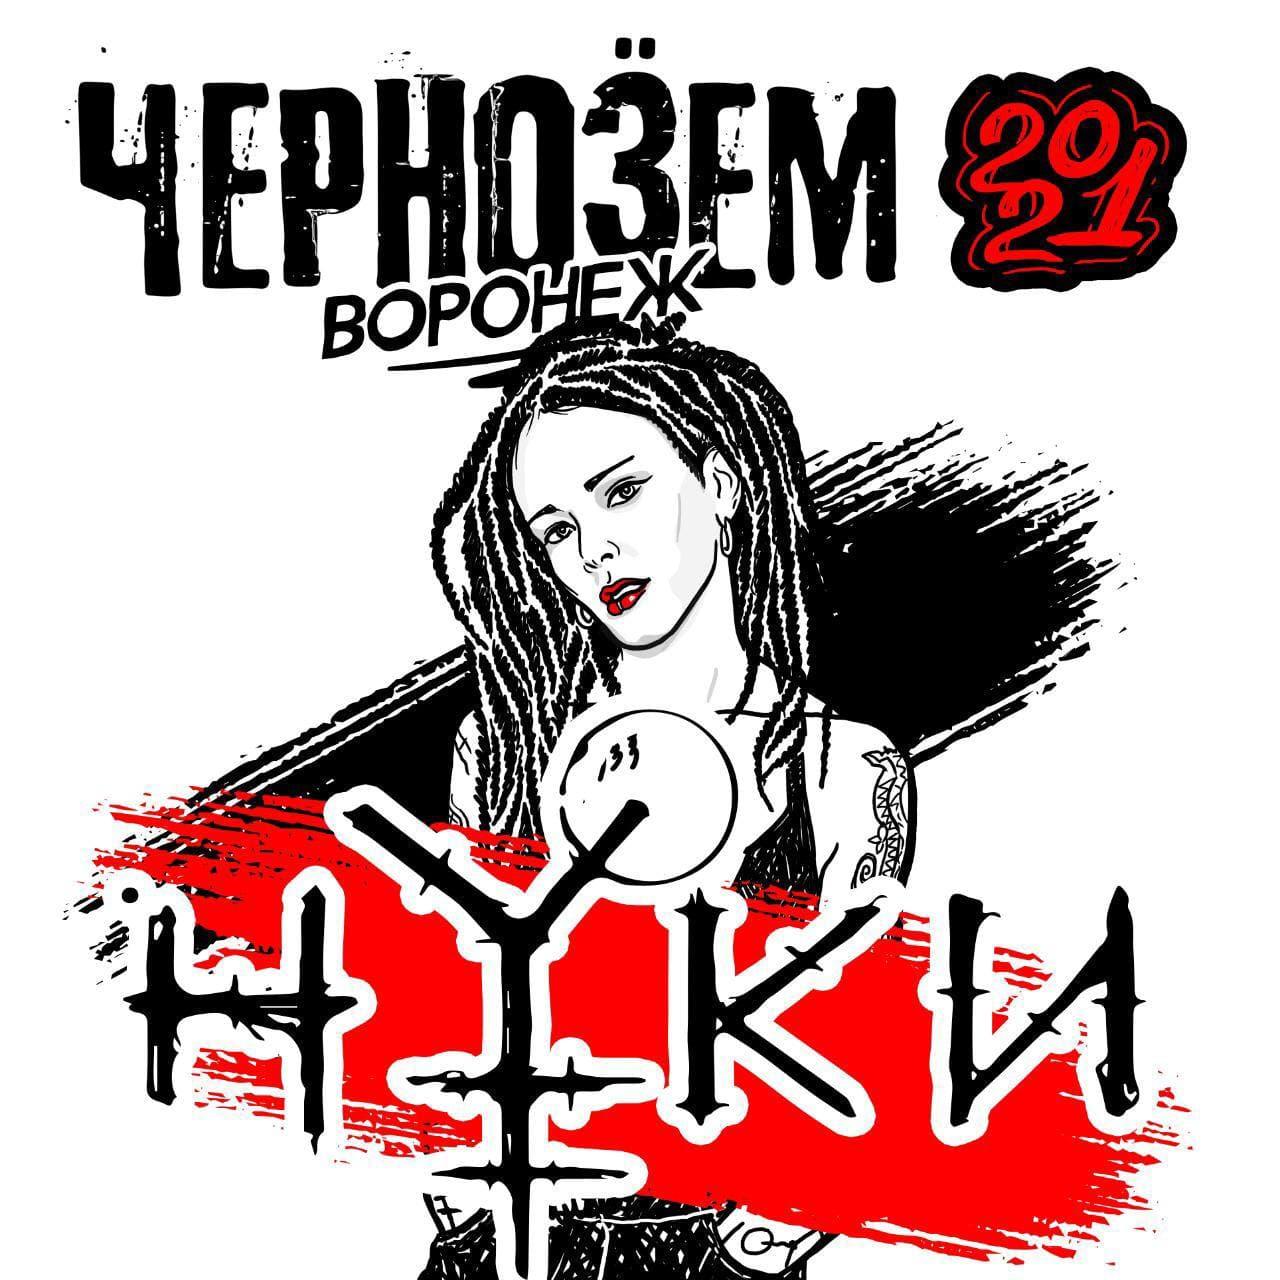 13.08.2021, Чернозём 2021, Нуки, Воронежская обл.